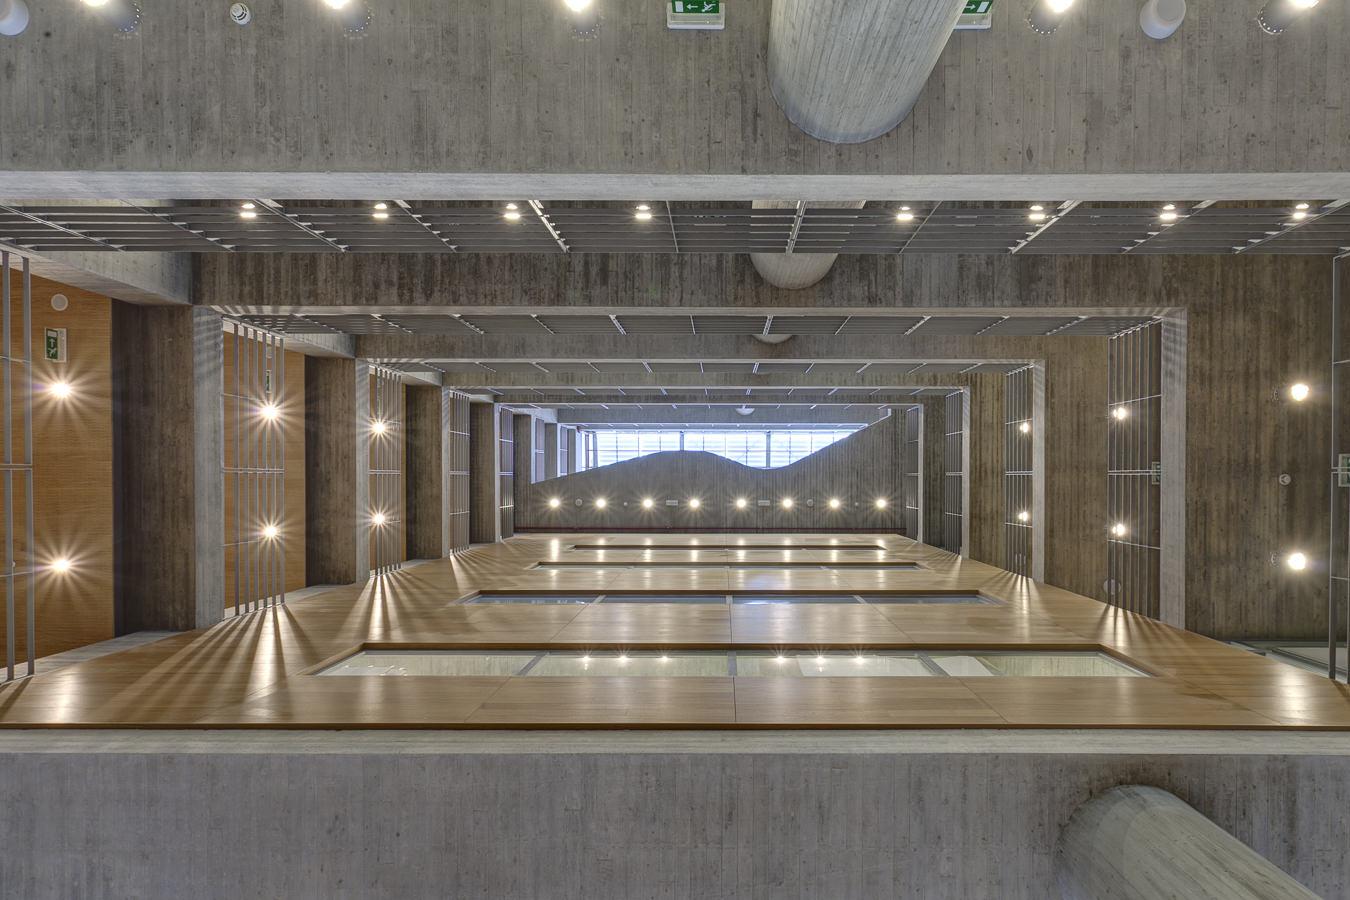 TSMEDE BUILDING, Γιώργος Φάκαρος - Αρχιτεκτονική Φωτογραφία | Εσωτερικοί Χώροι | Φωτογραφία Ξενοδοχειών - Photography / Φωτογραφία